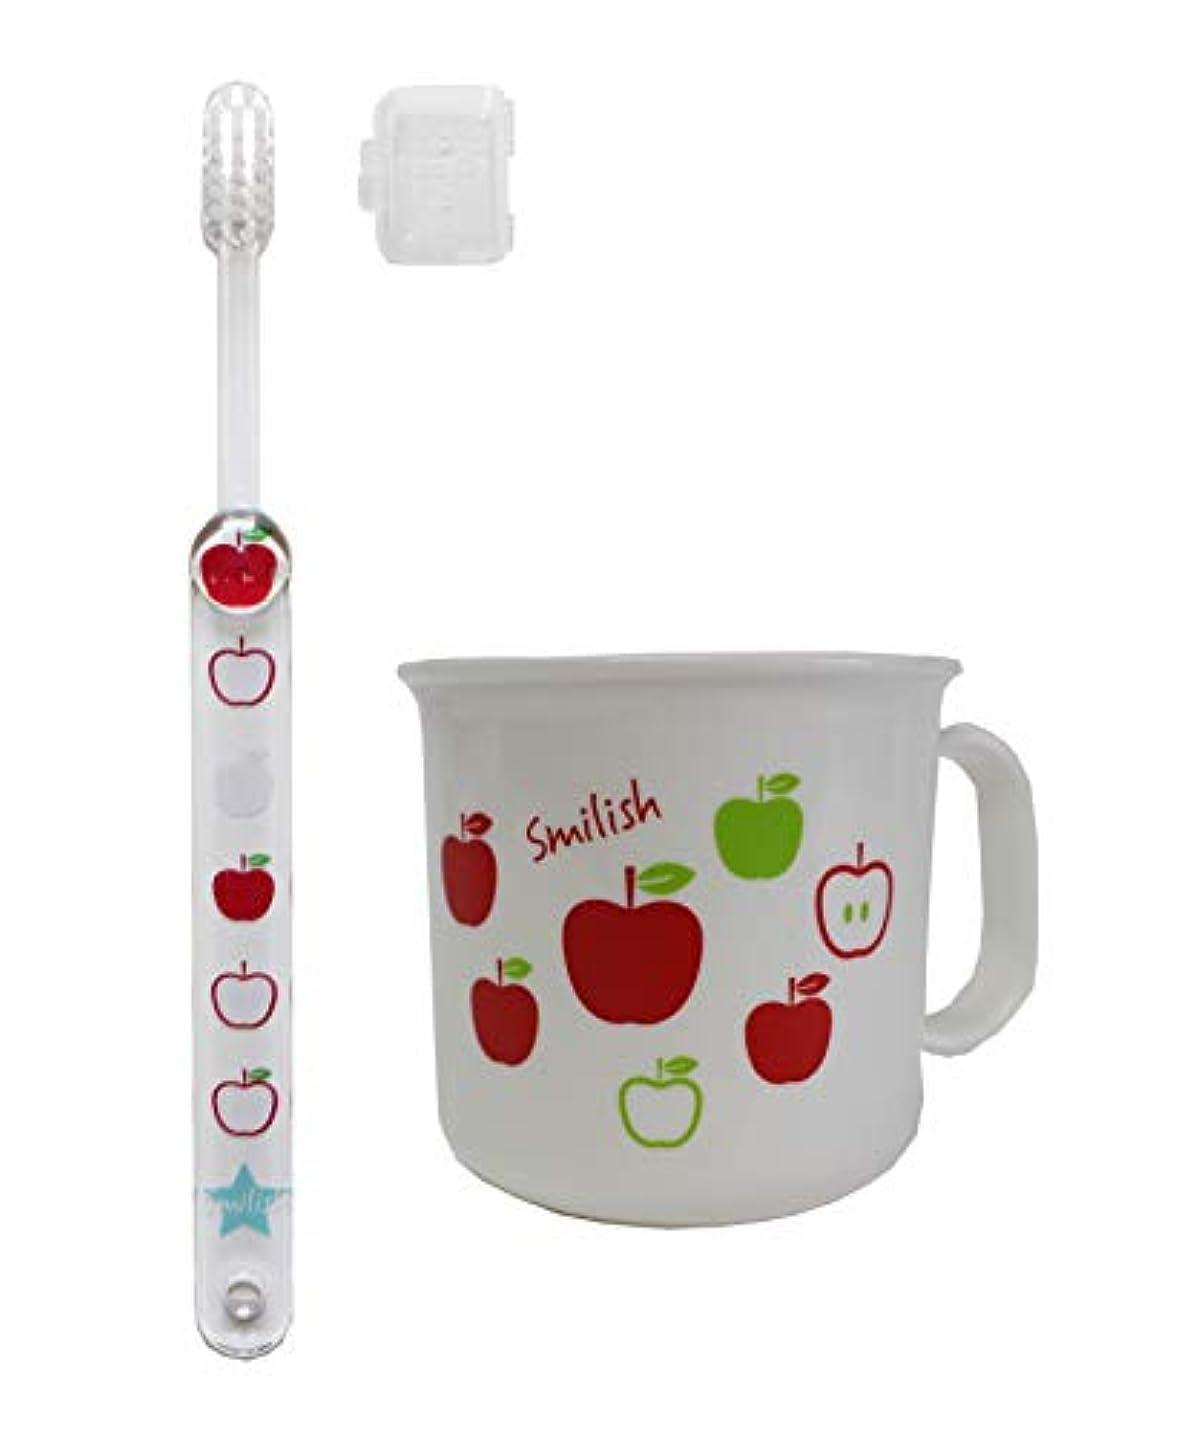 代表できれば焦げ子ども歯ブラシ(キャップ付き) 耐熱コップセット アップル